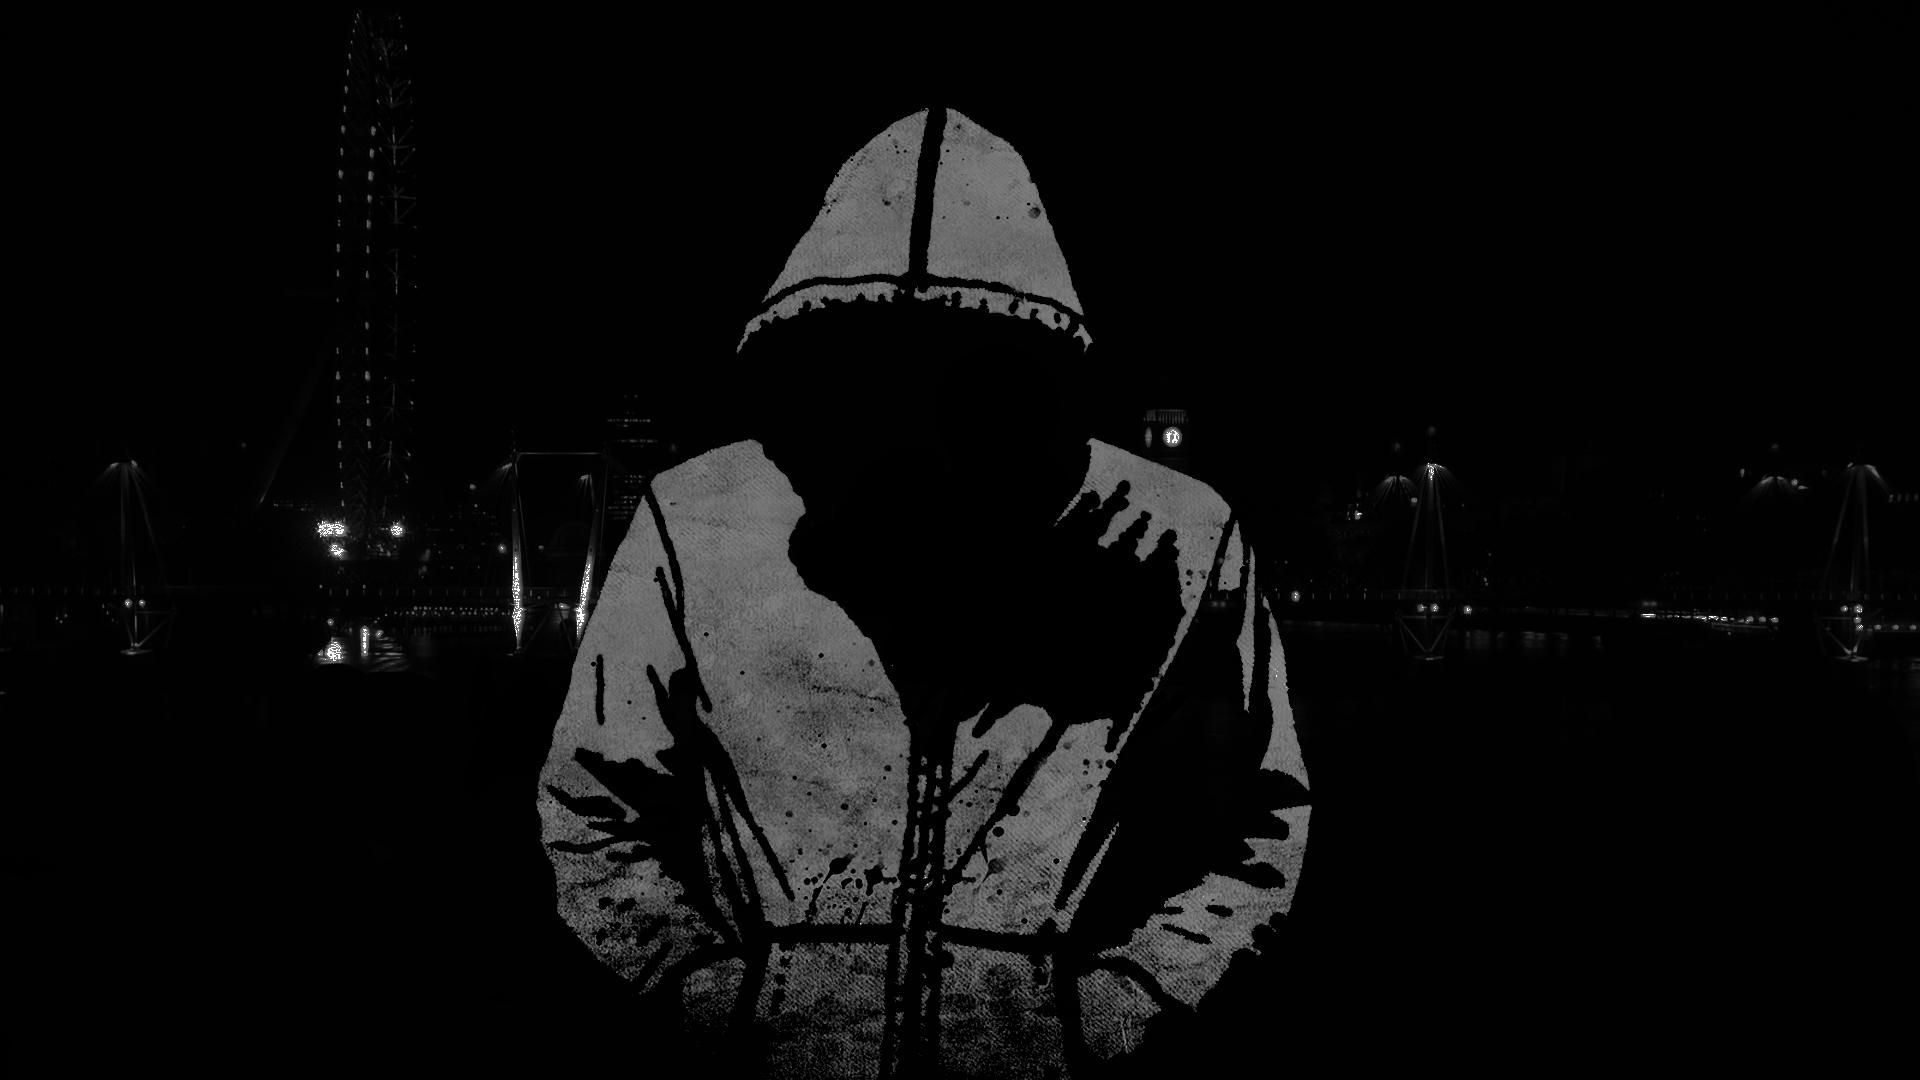 Dark Hacker Wallpapers - Top Free Dark Hacker Backgrounds - WallpaperAccess